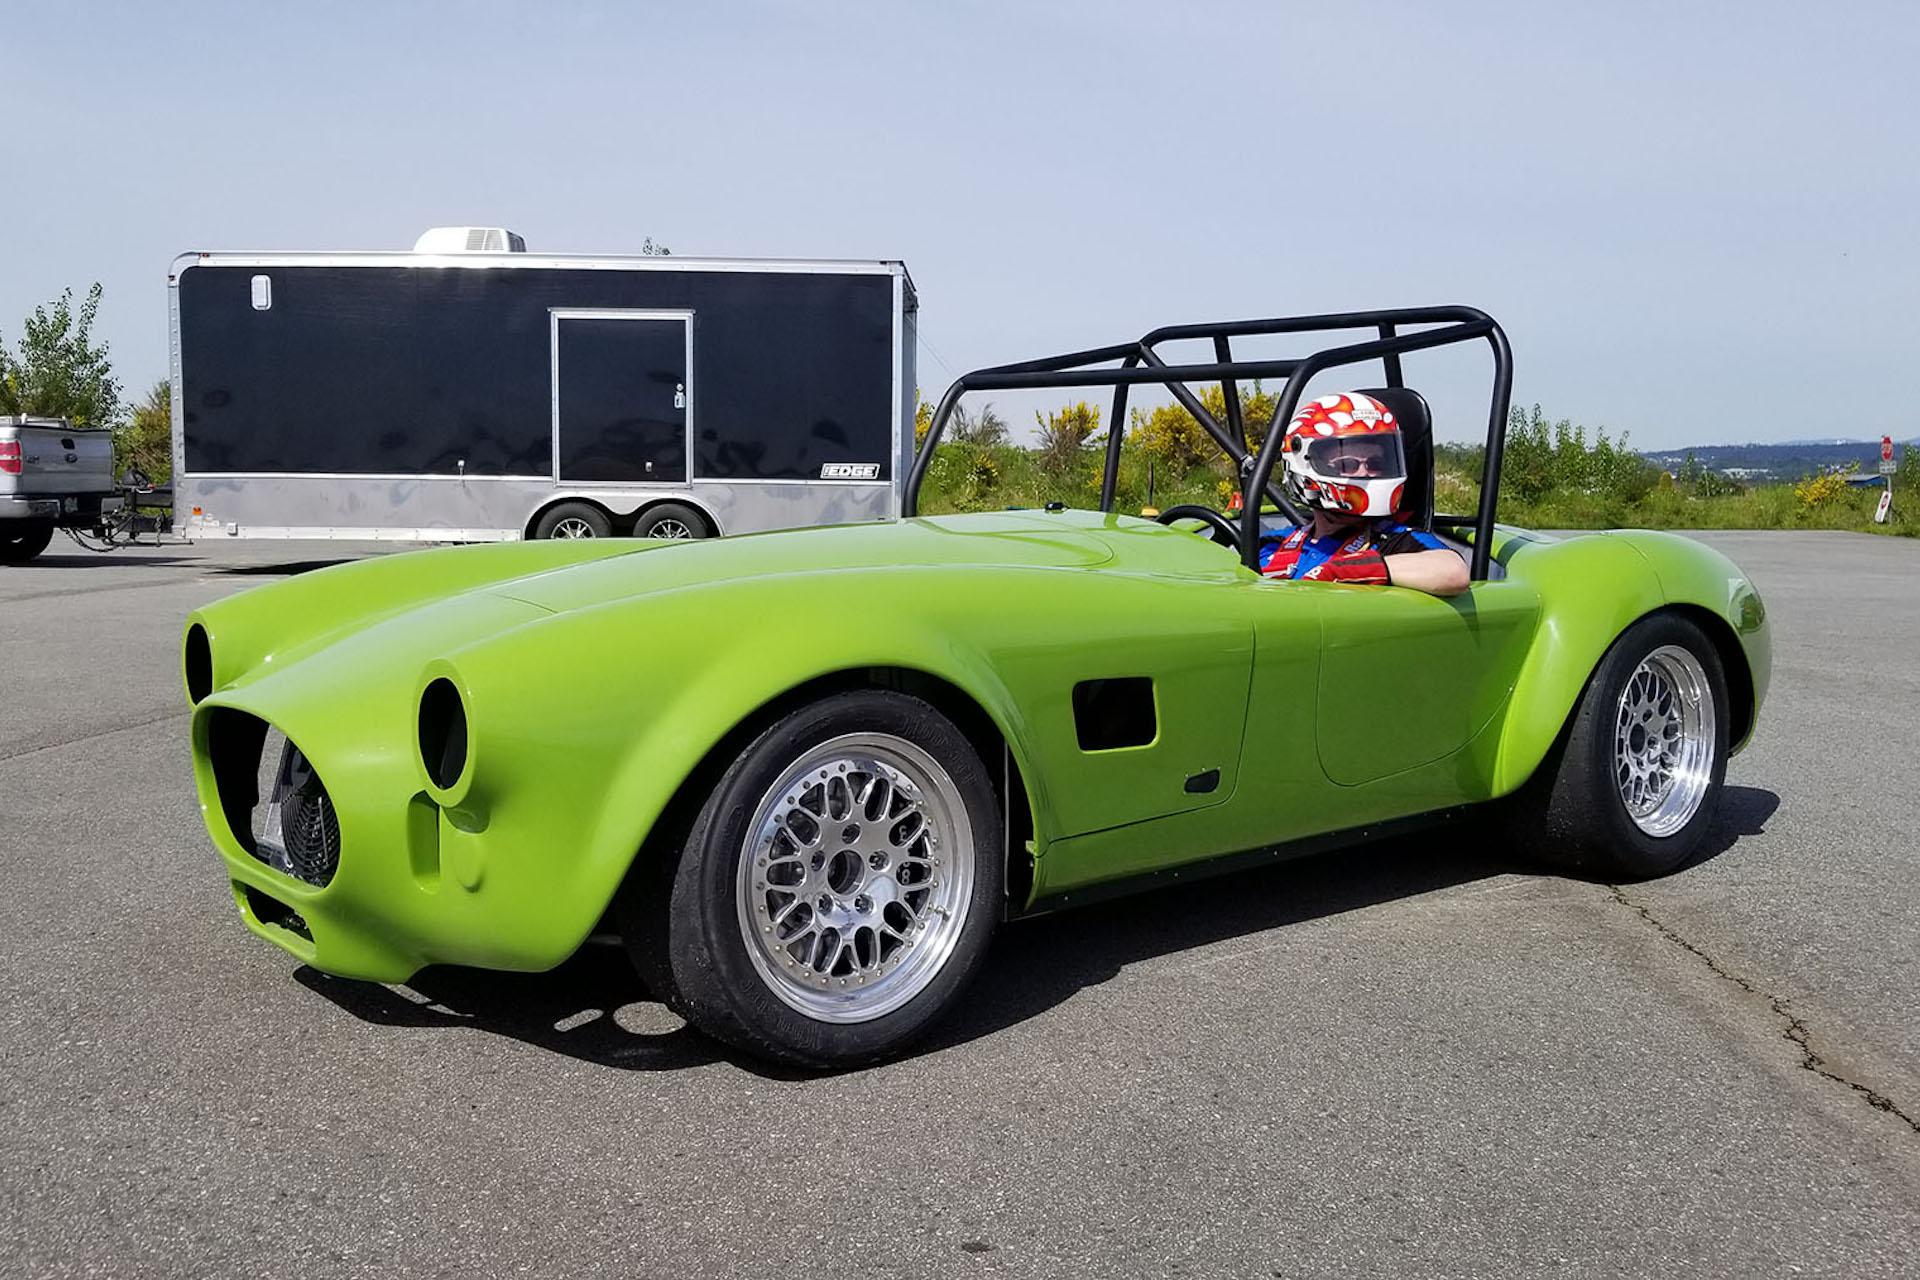 Tesla motor, Shelby Cobra body, Kia battery: watch electric Cobra ...